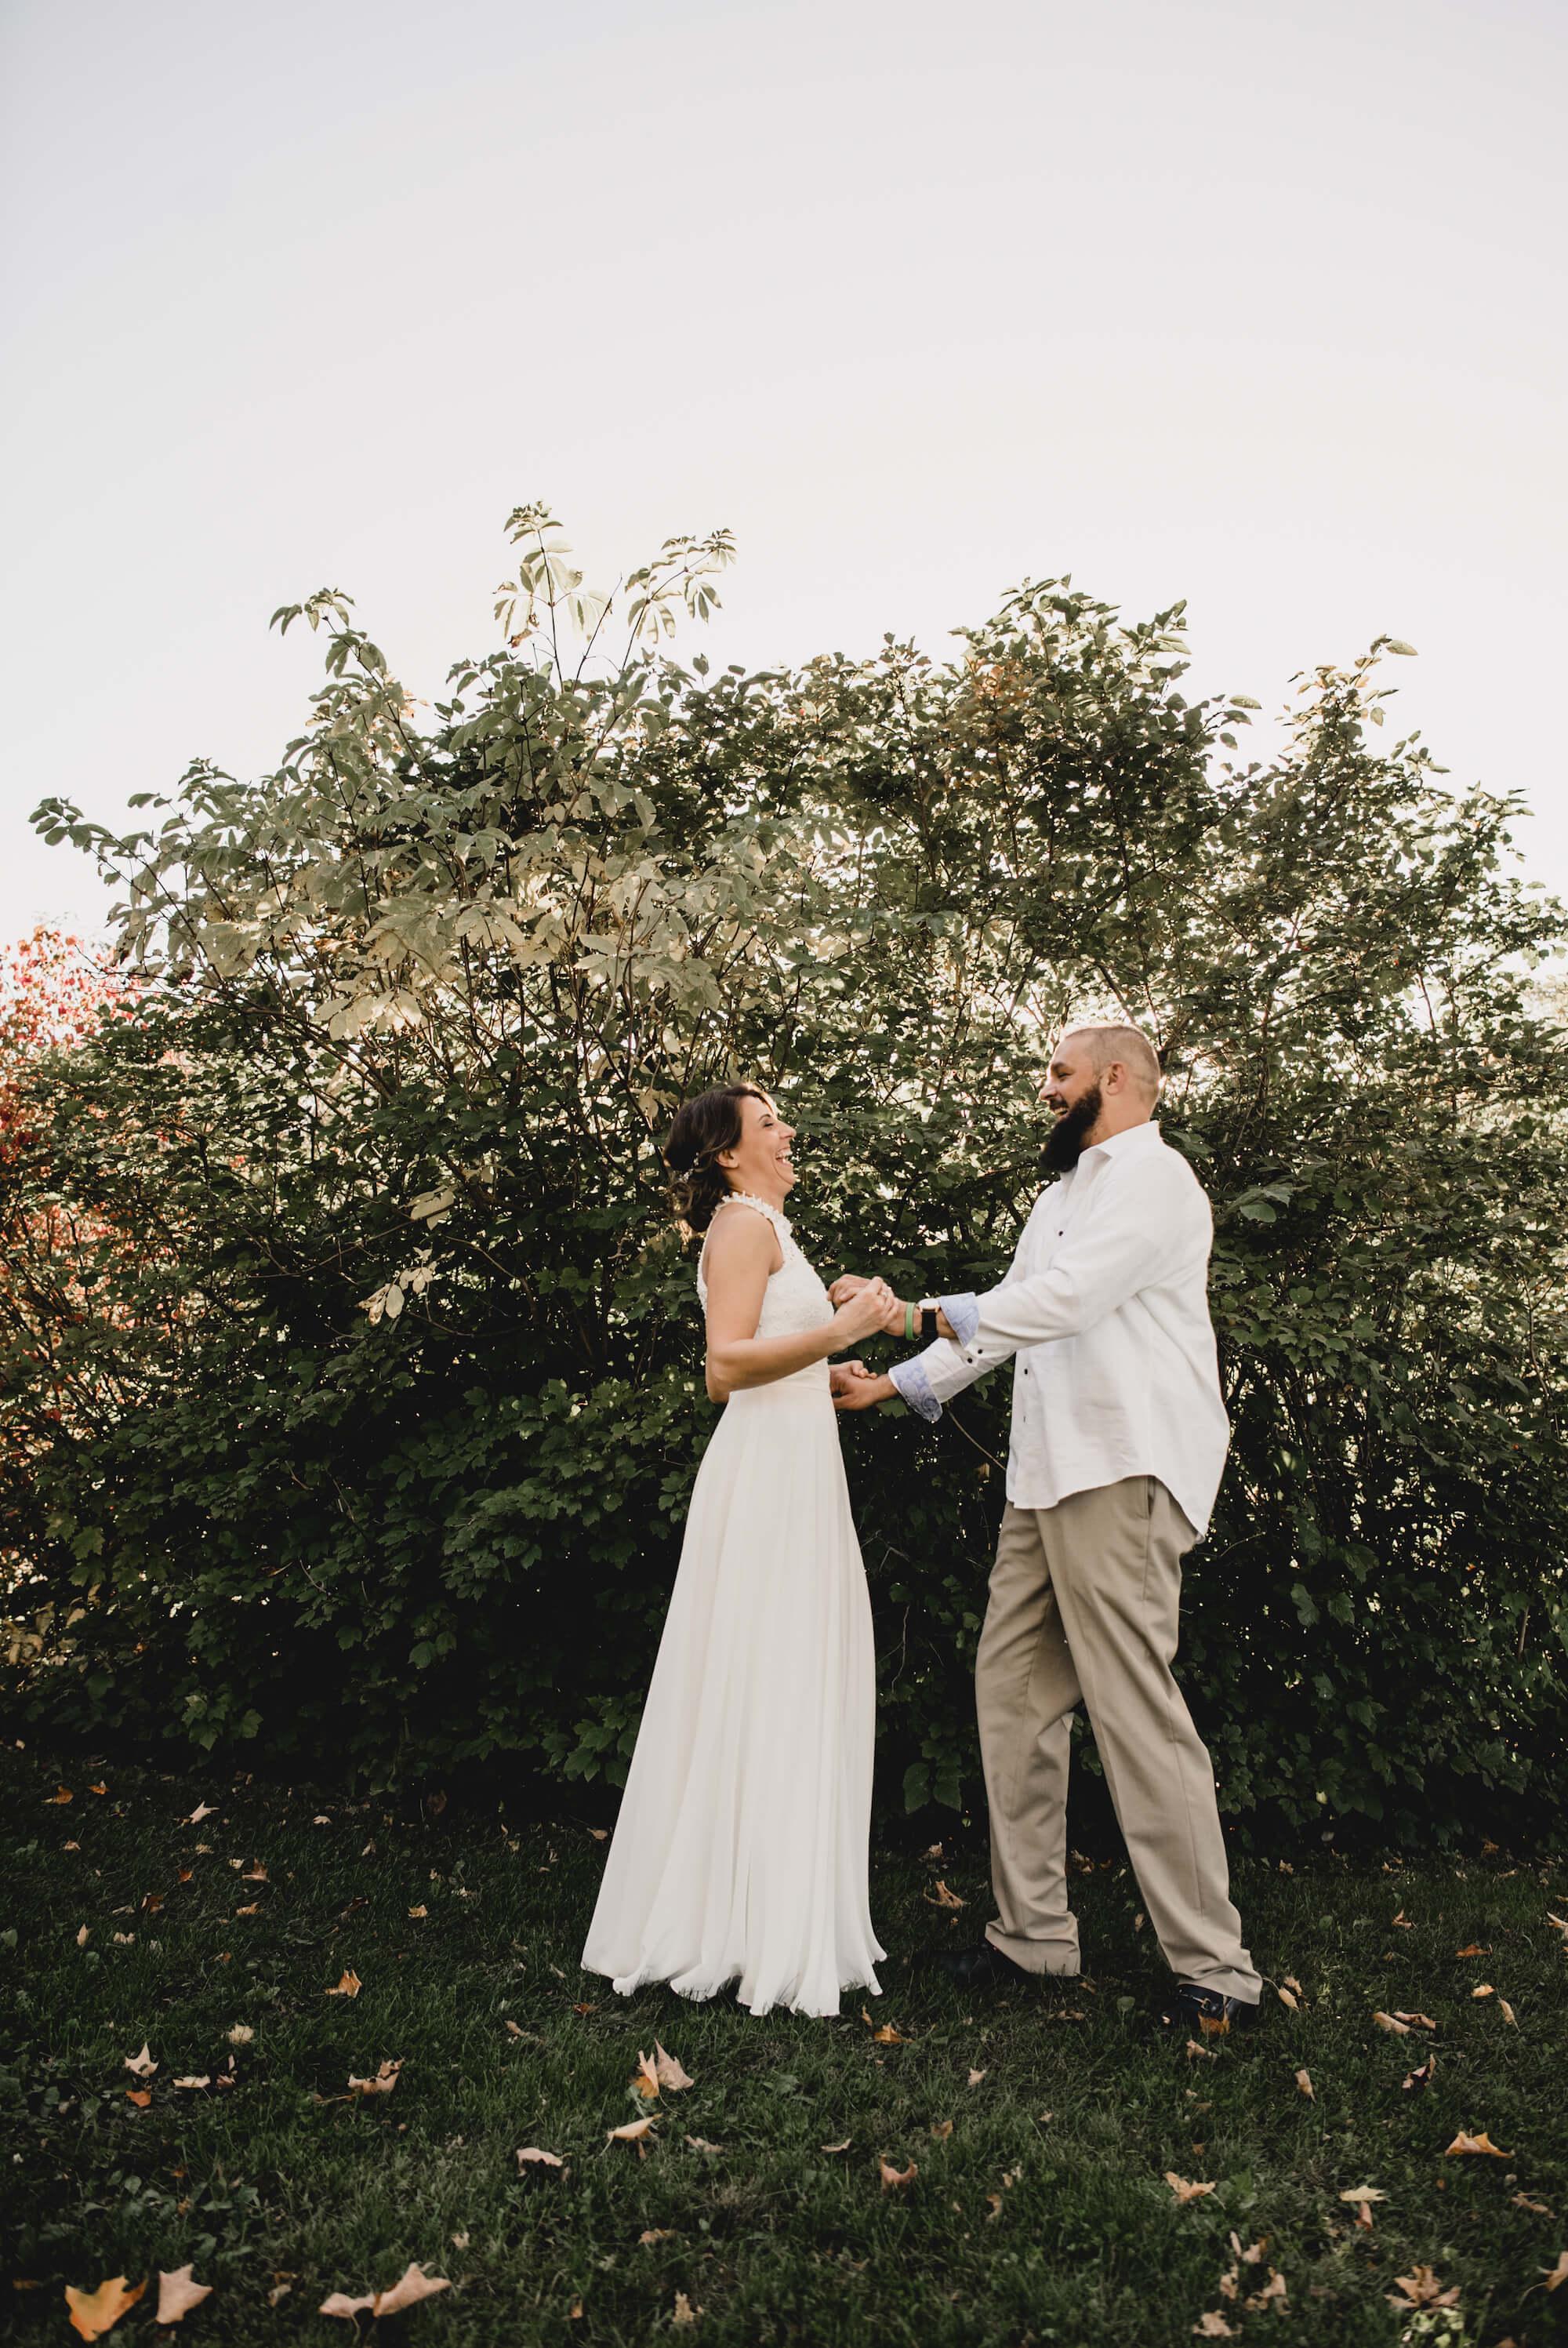 engle-olson-tammy-marc-wedding-29.jpg